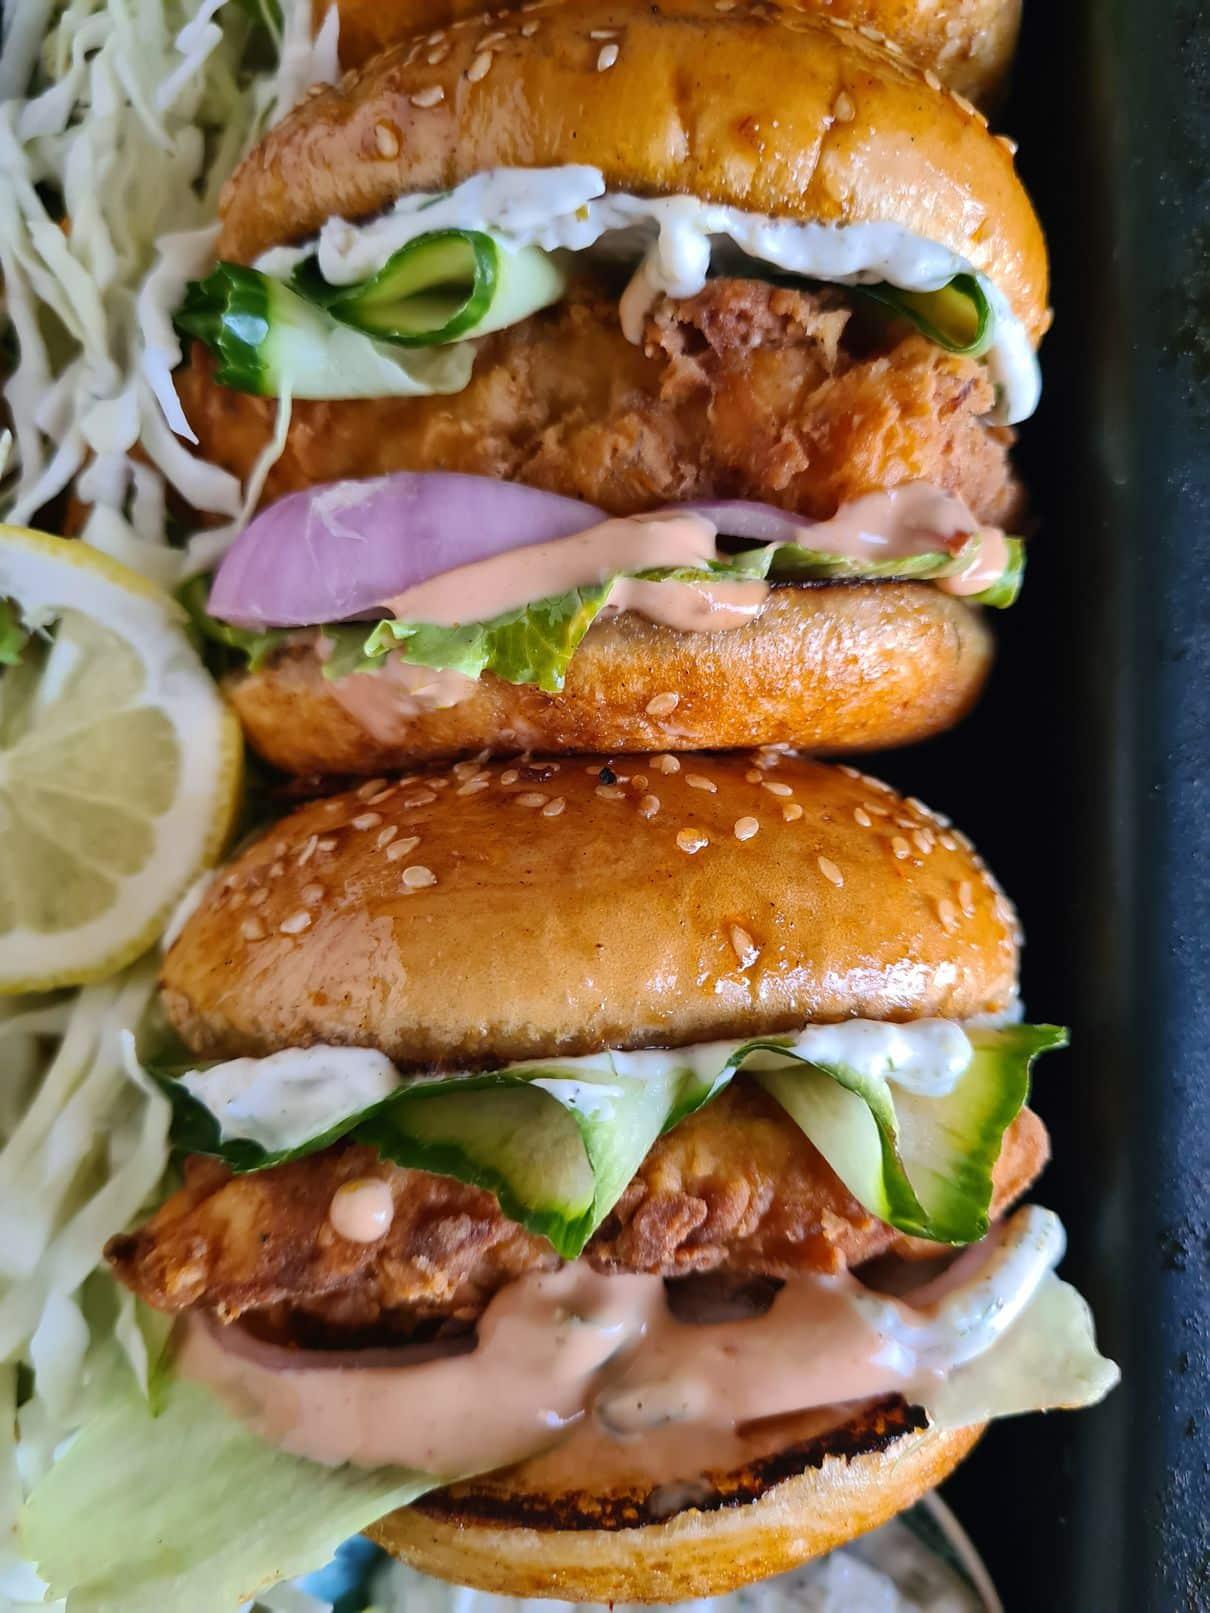 a close up of crispy fish burger